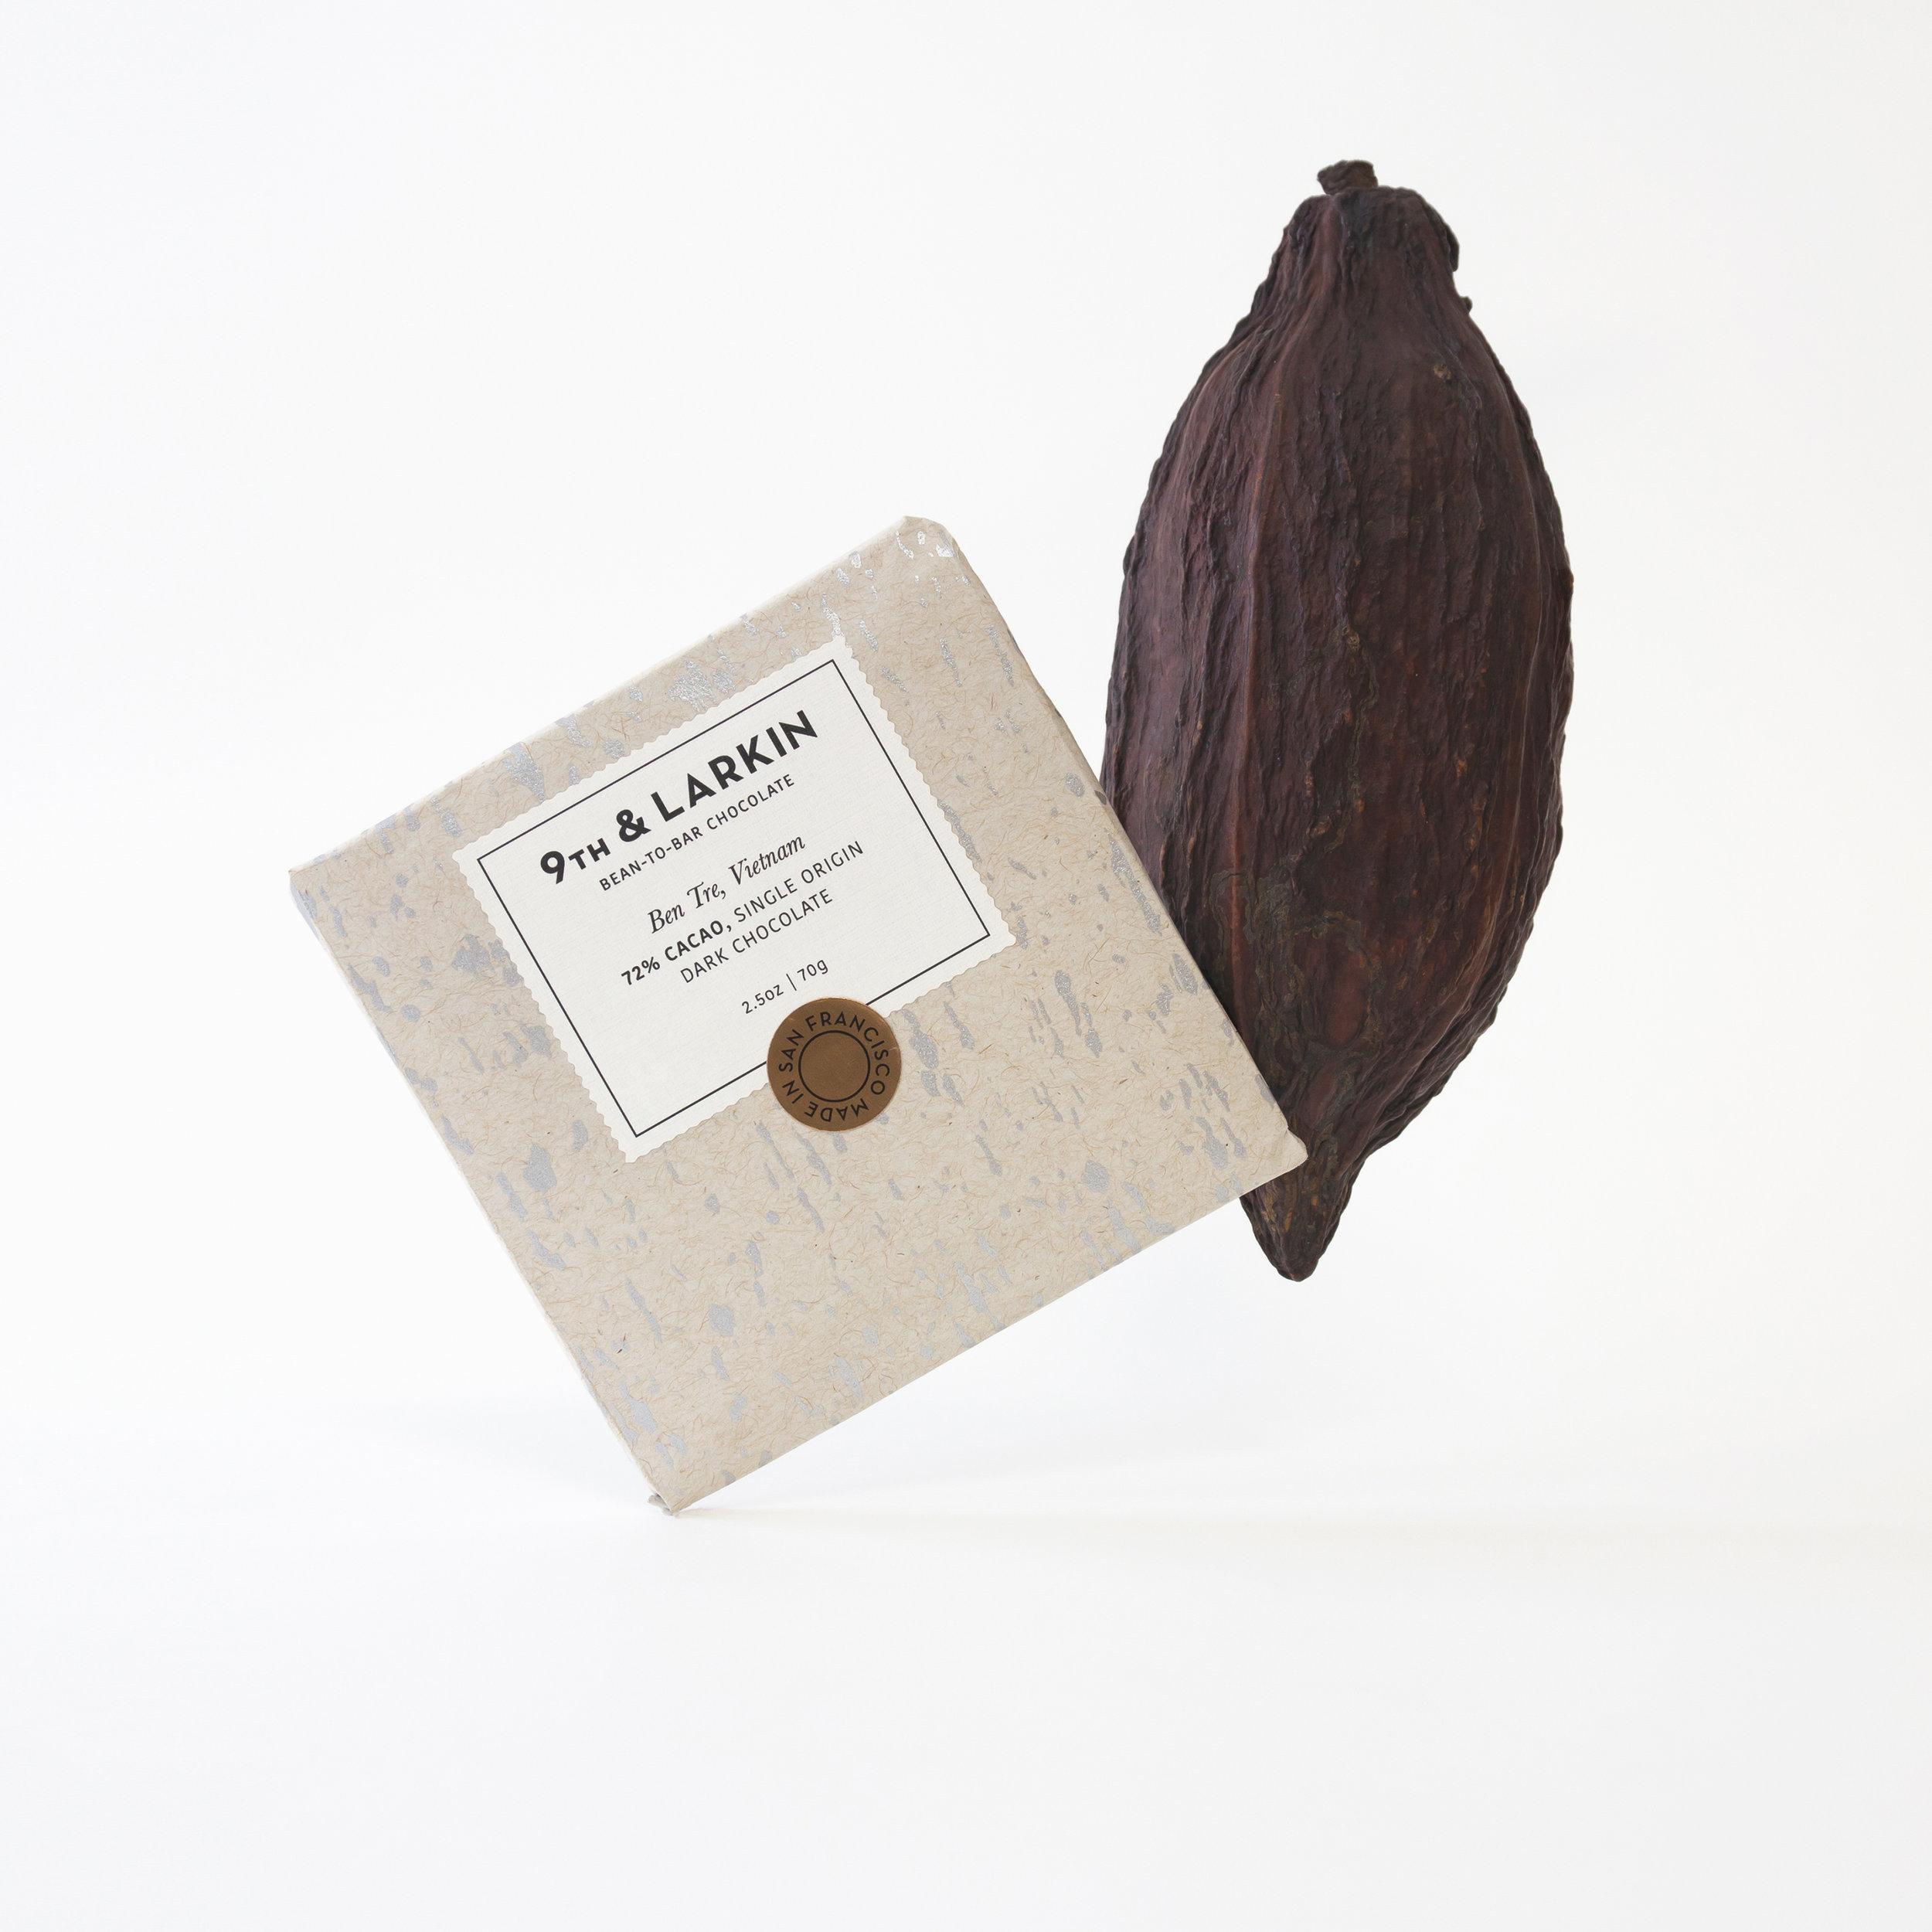 chocolate-packaging-design-02.jpg